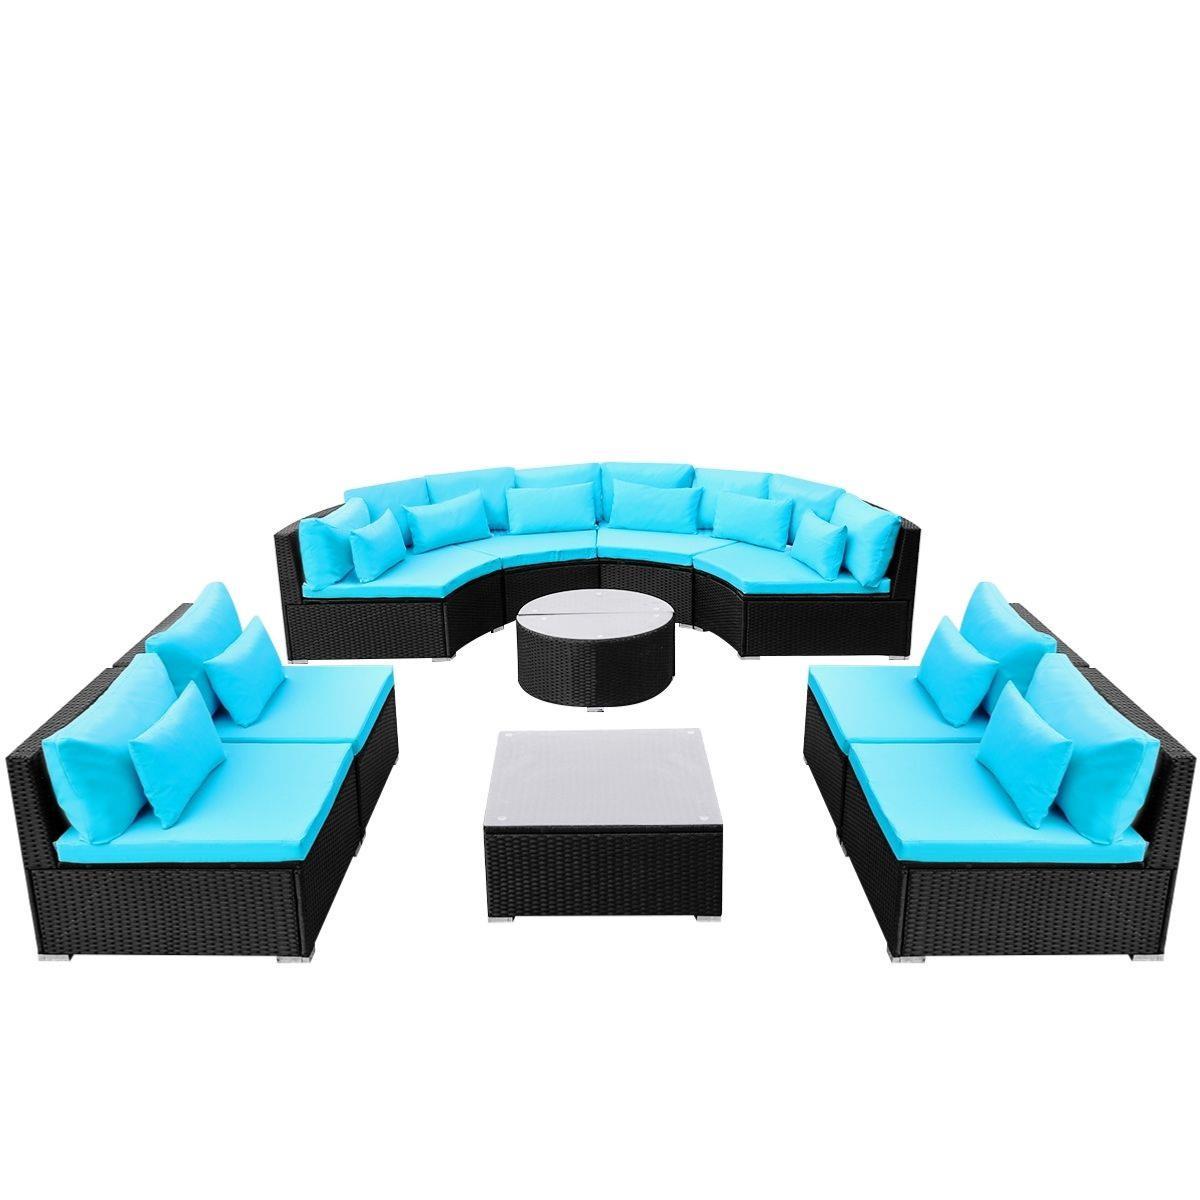 salon de jardin r sine tress e modulable noir 12 personnes. Black Bedroom Furniture Sets. Home Design Ideas